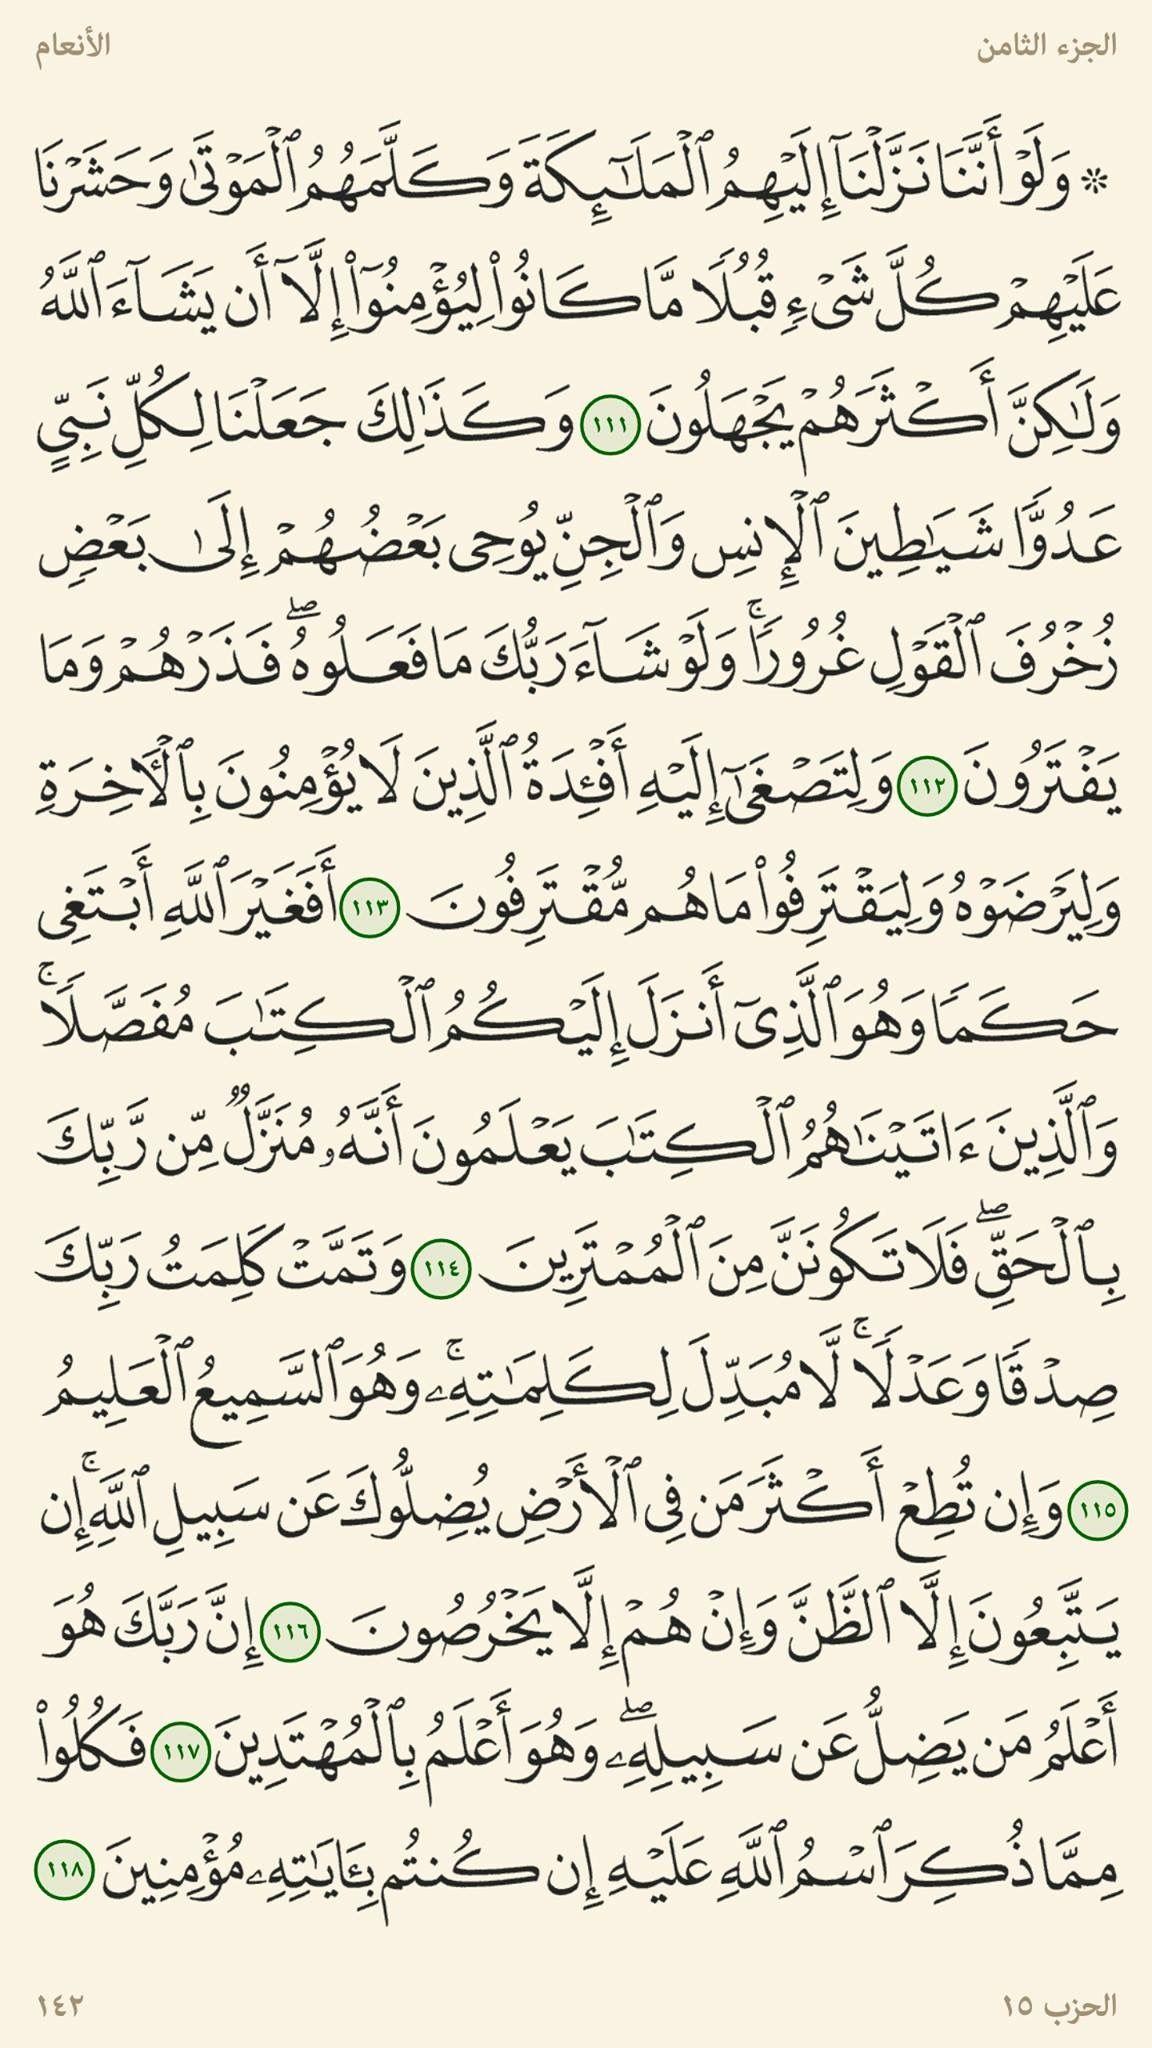 ١١١ ١١٨ الأنعام صفحات المصحف المرتل عبد الباسط Quran Book Holy Quran Book Architecture Collection